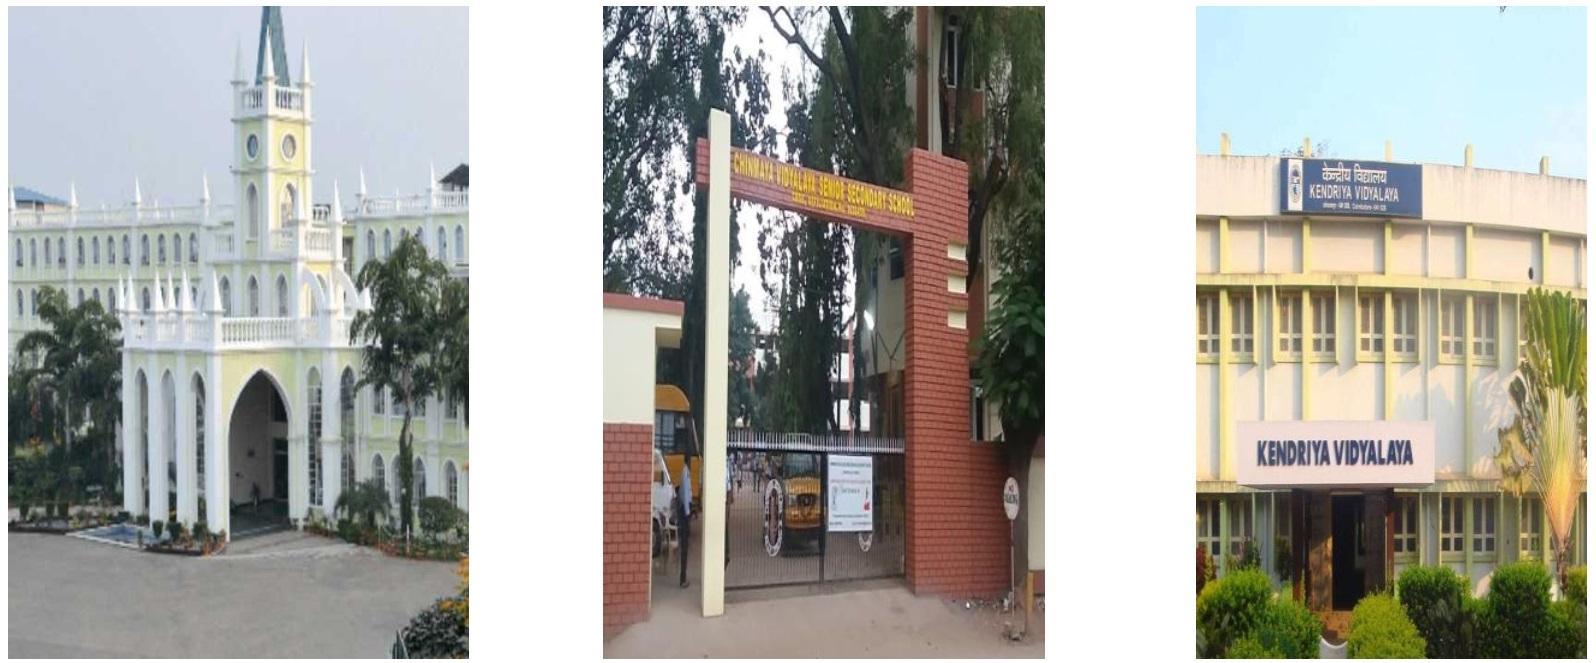 Three Schools DPS CVC and KVS - Teachoo.jpg